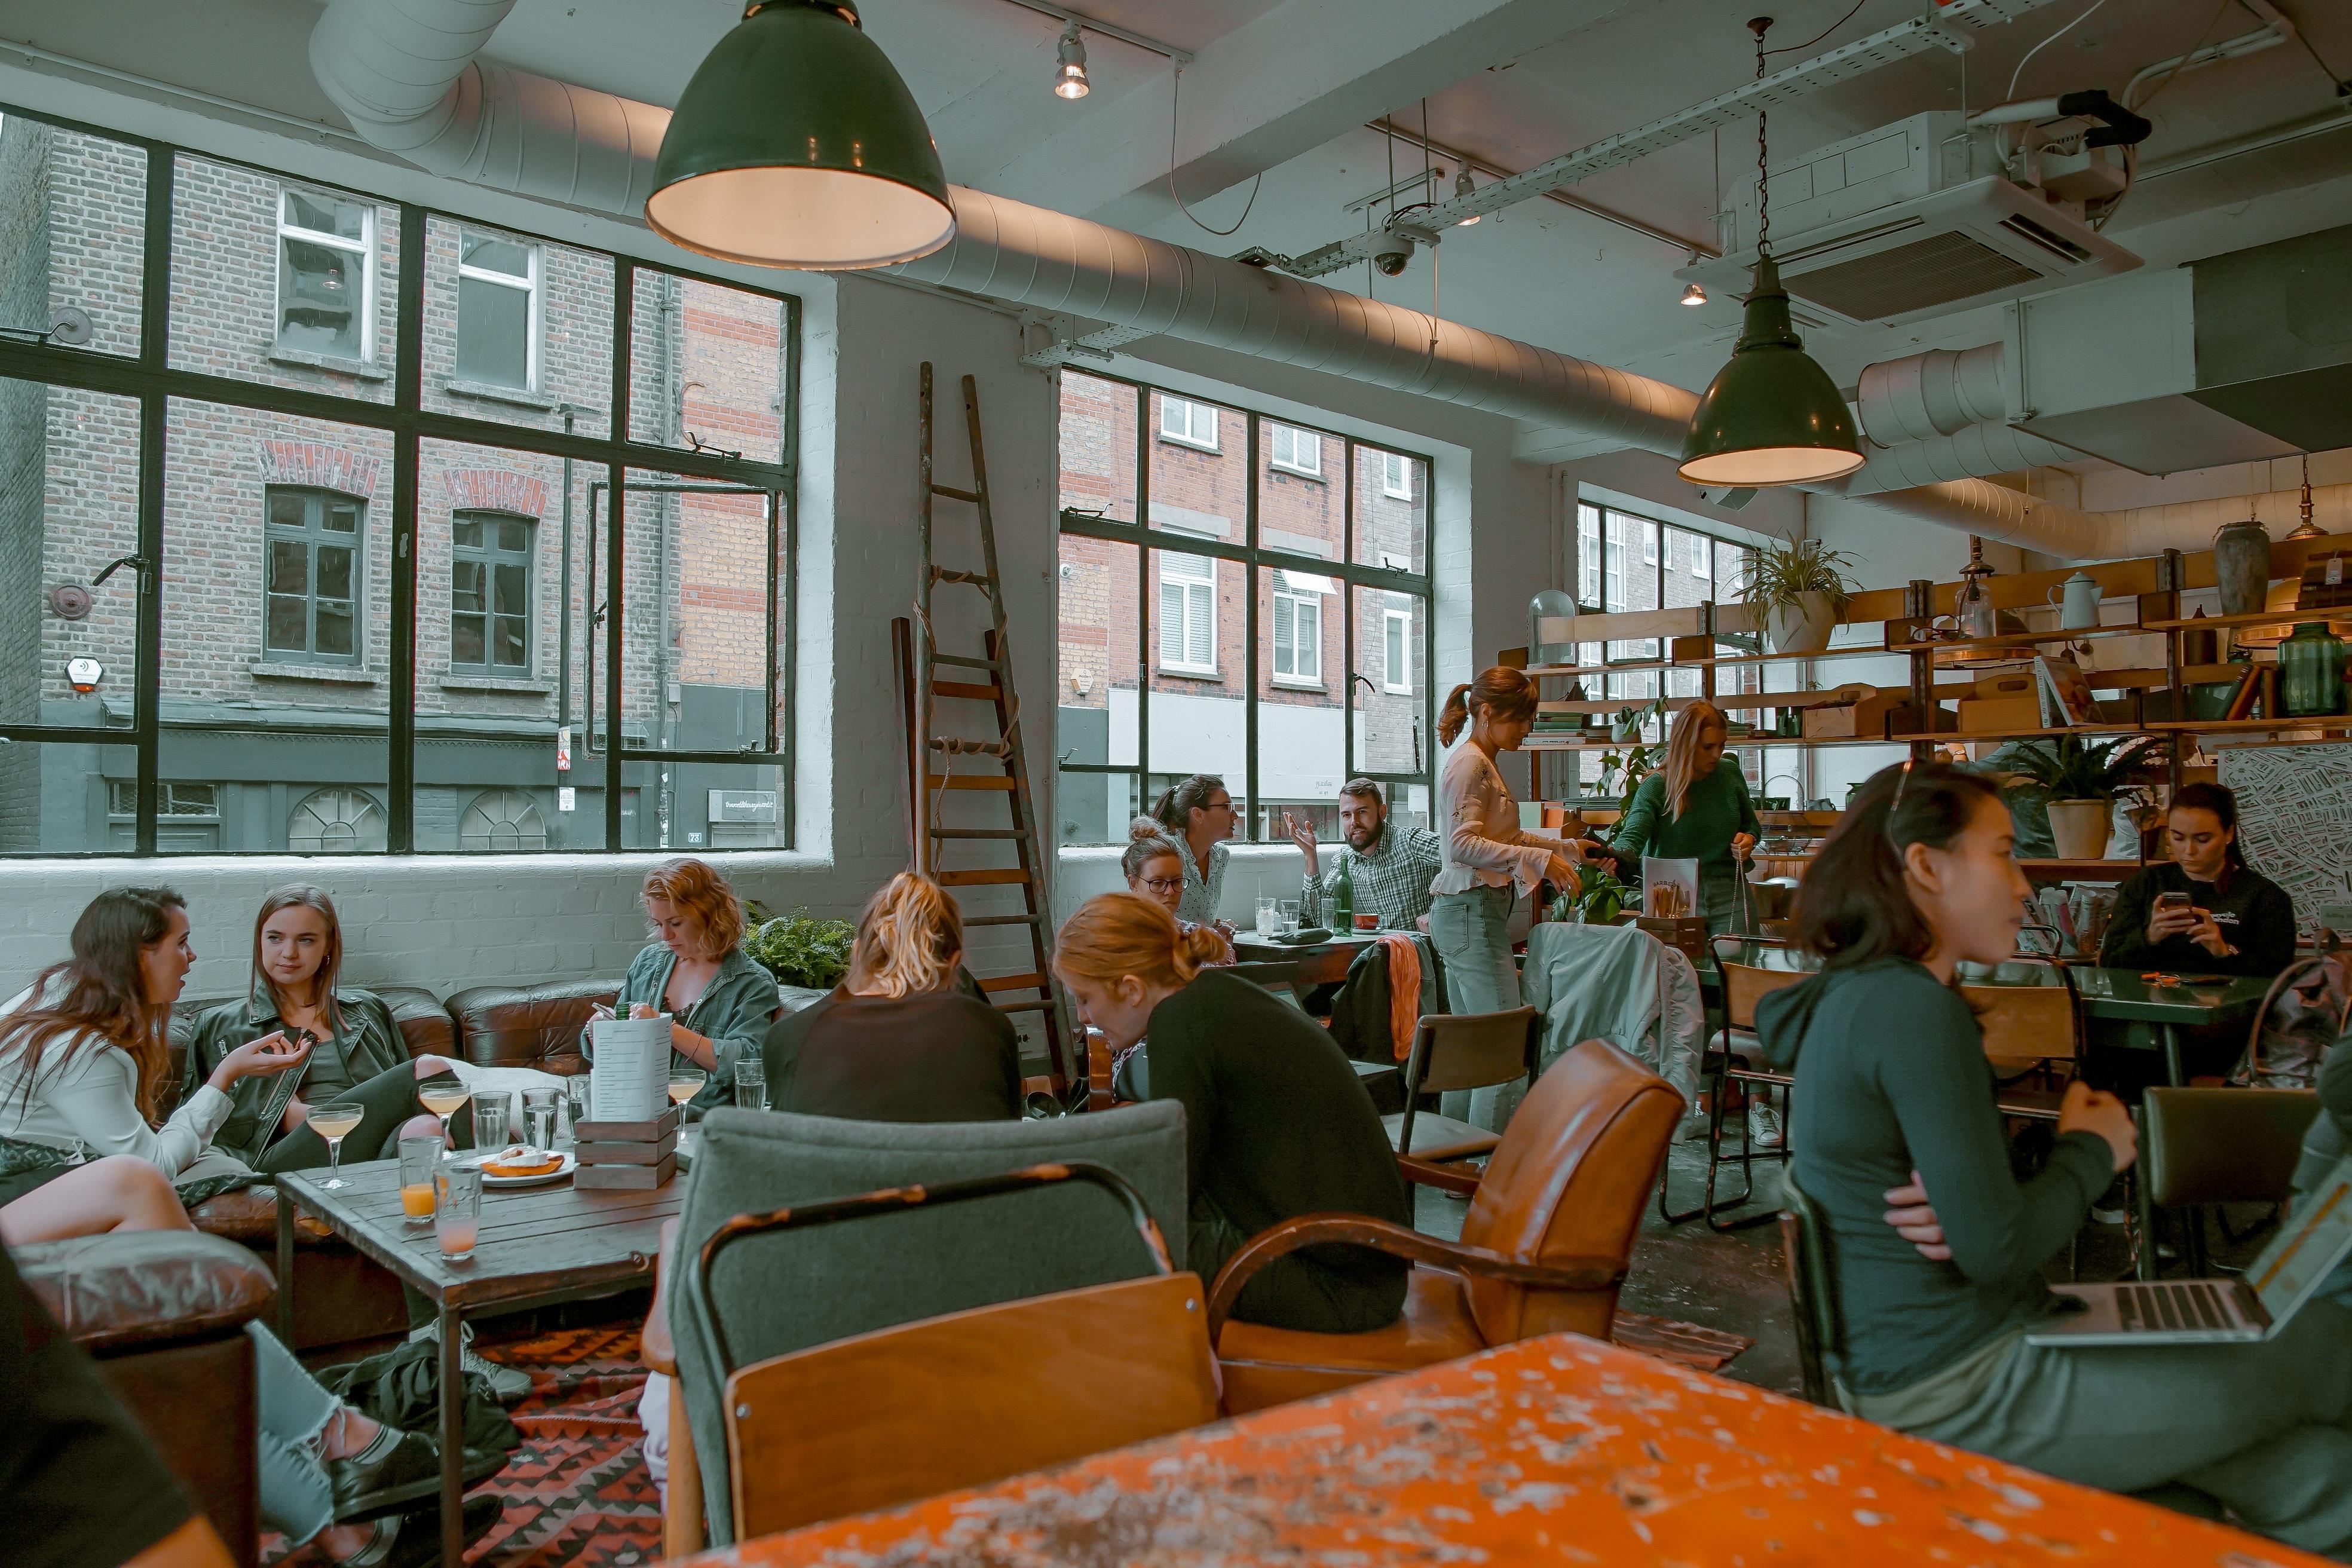 3936x2624 1417029 pxhere - Corso interior design on line ...